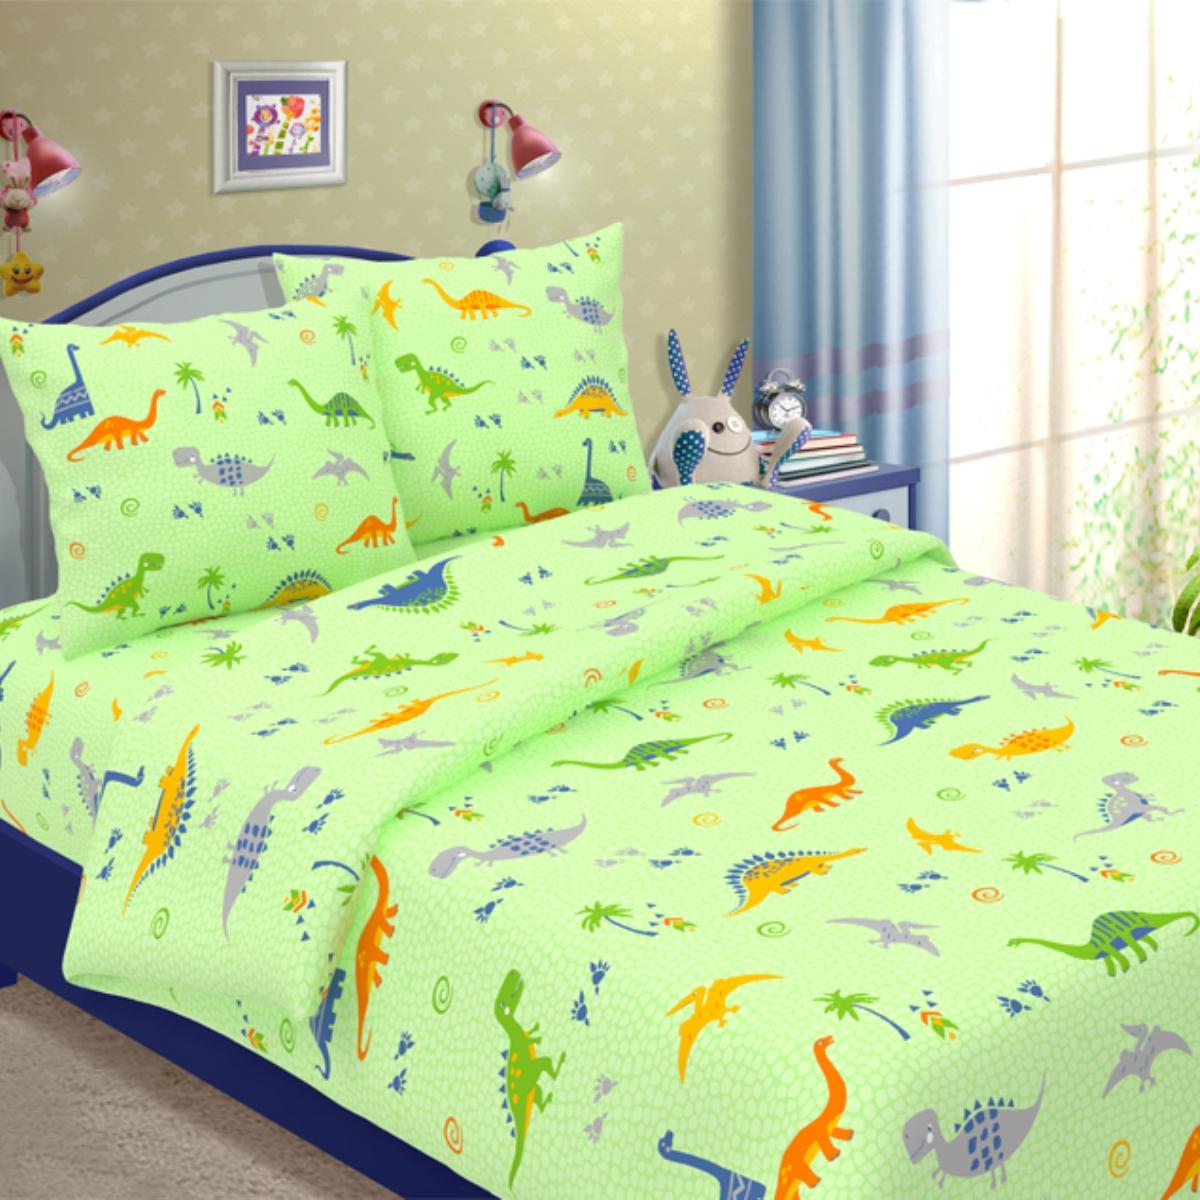 Комплект детского постельного белья Letto  Динно , 1,5 спальный, наволочка 50x70. dinno_green50 -  Детский текстиль